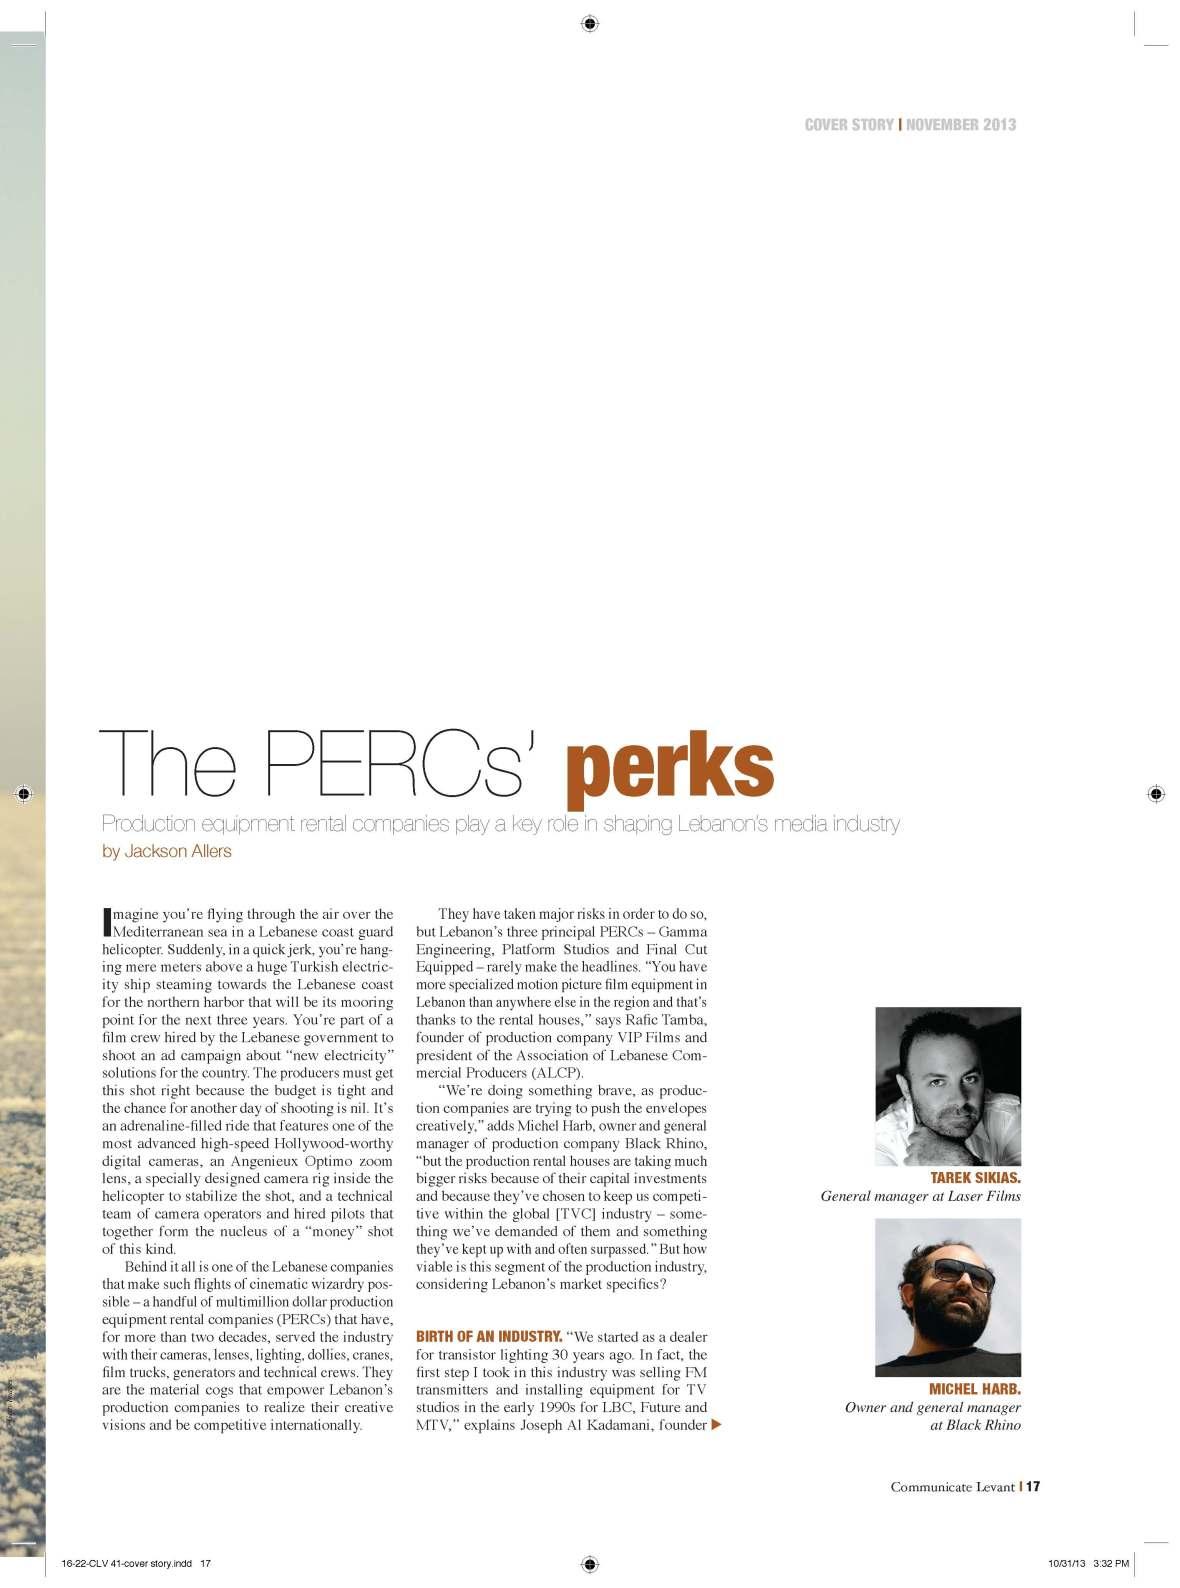 Communicate Levant PERC story-jpeg_Page_2